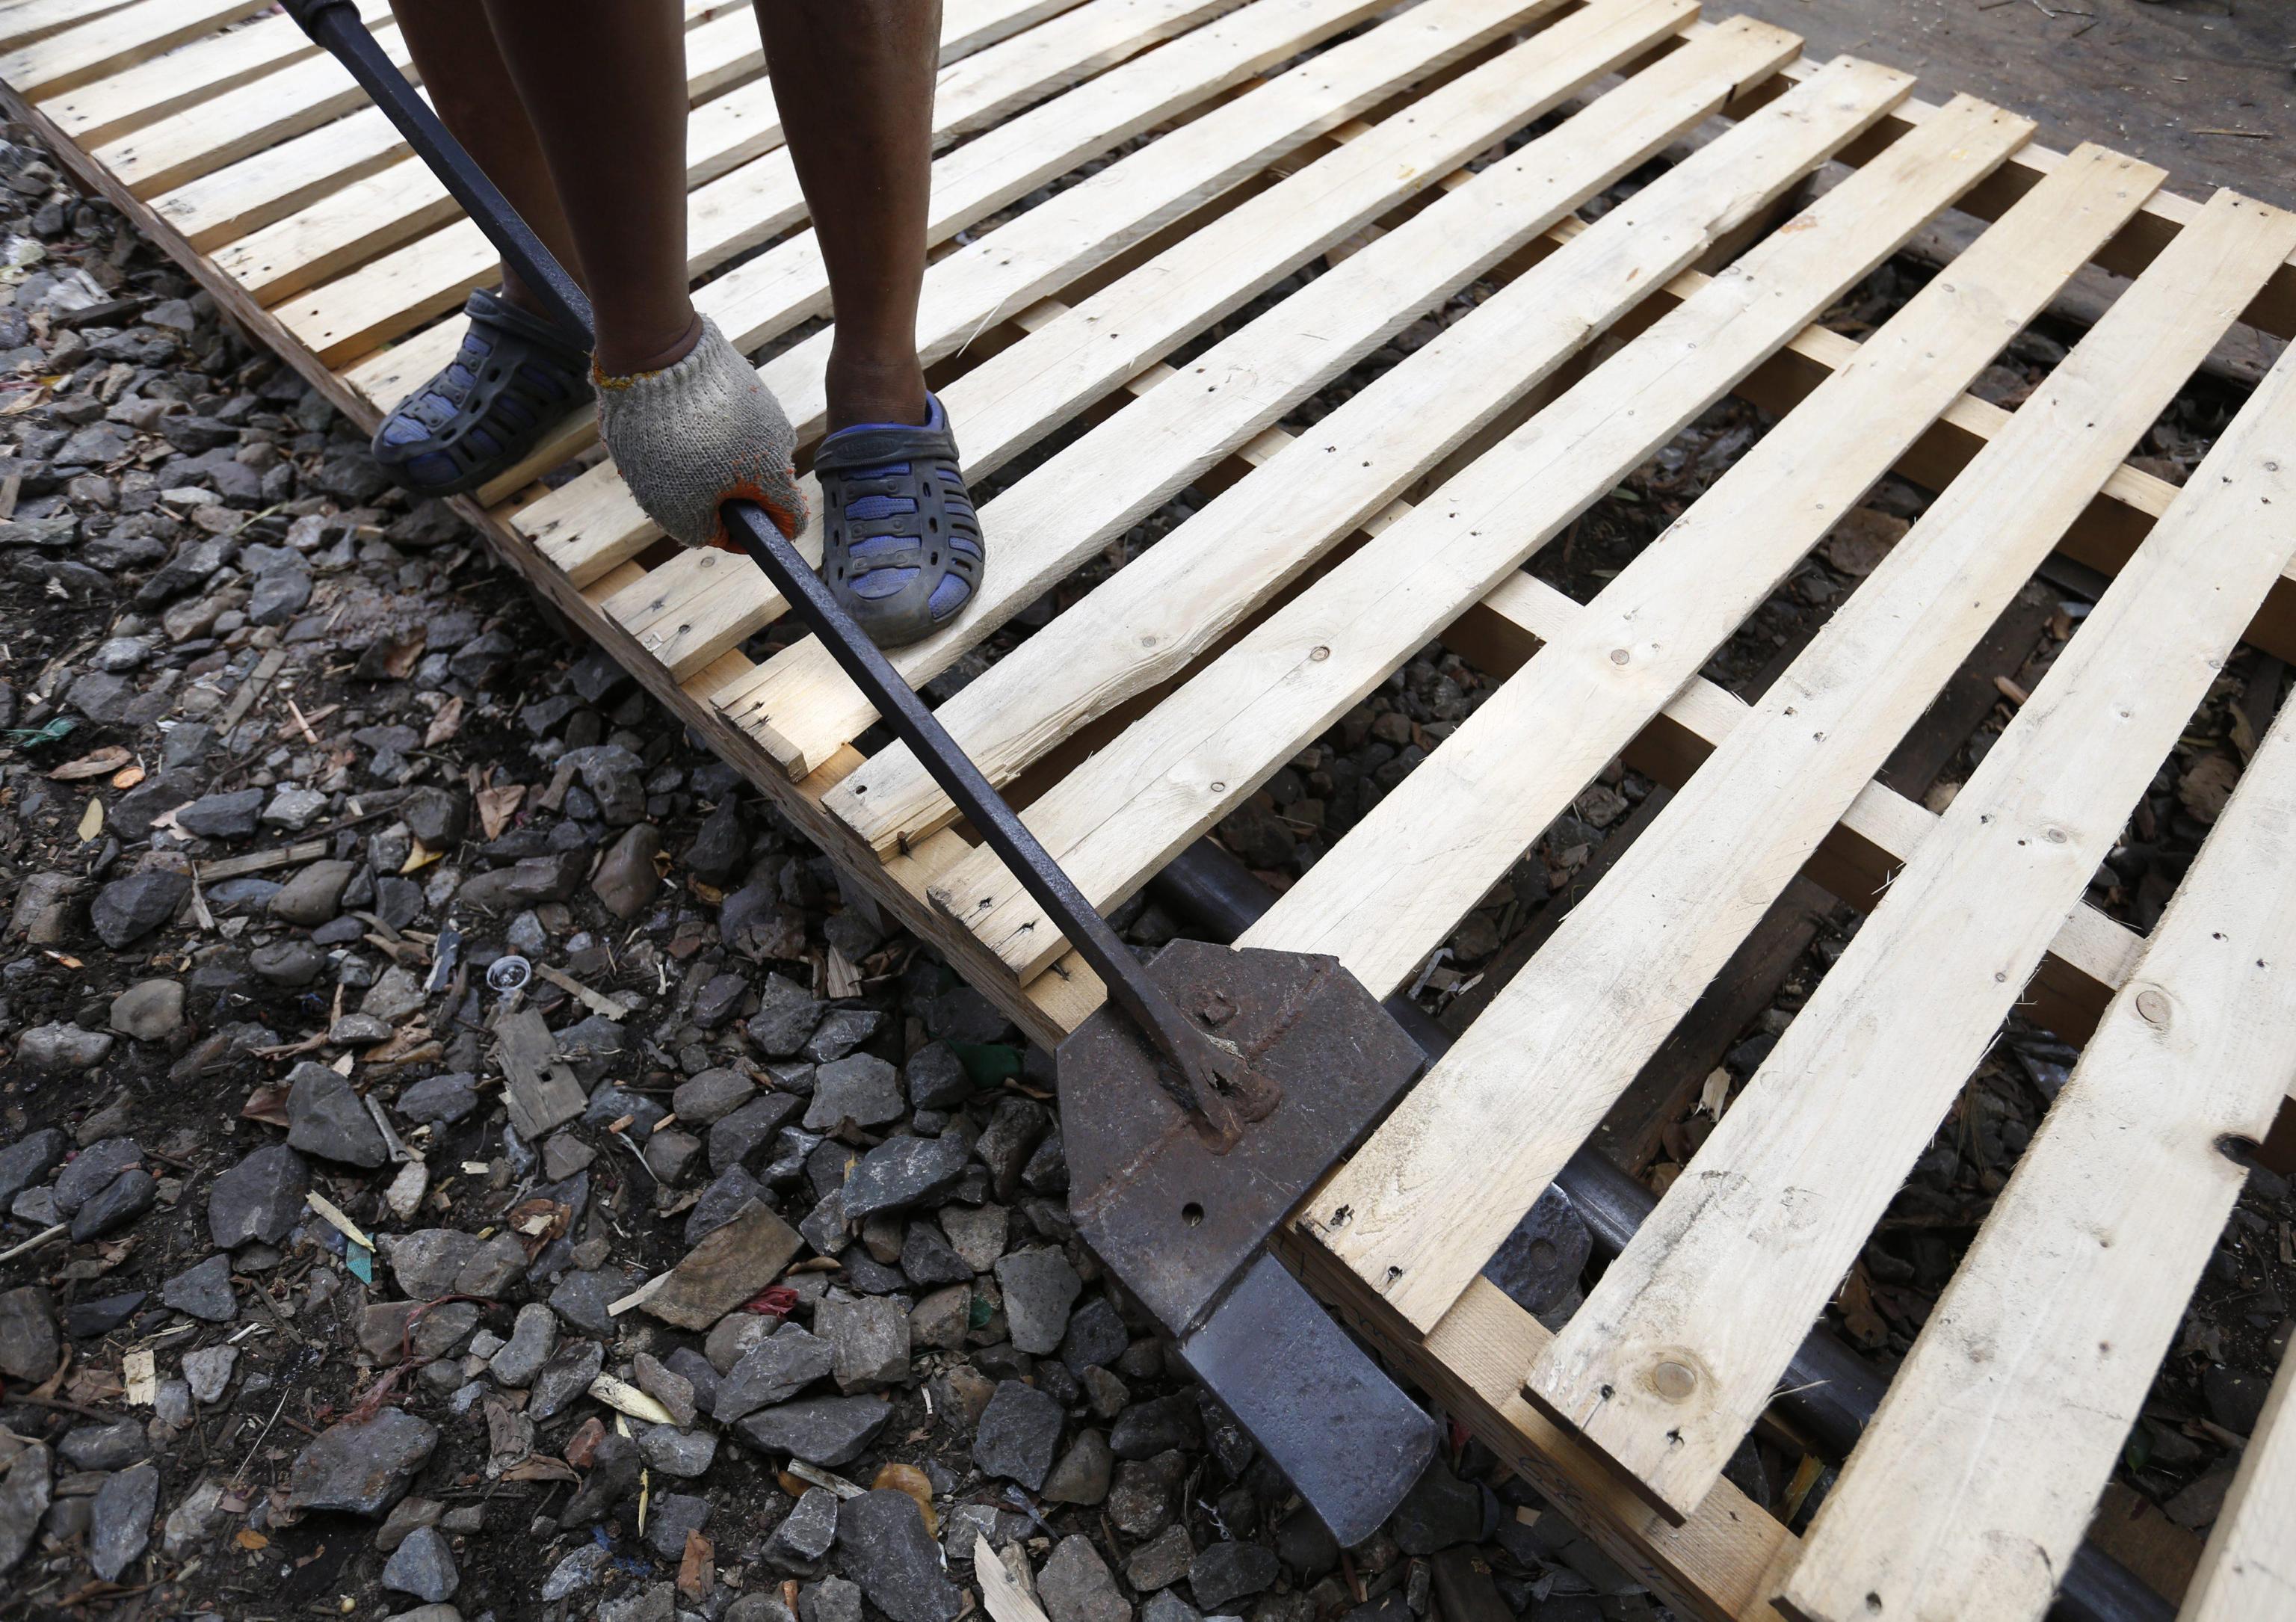 Riciclo del legno: nel 2107 raccolte 1,8 mln di tonnellate di rifiuti legnosi